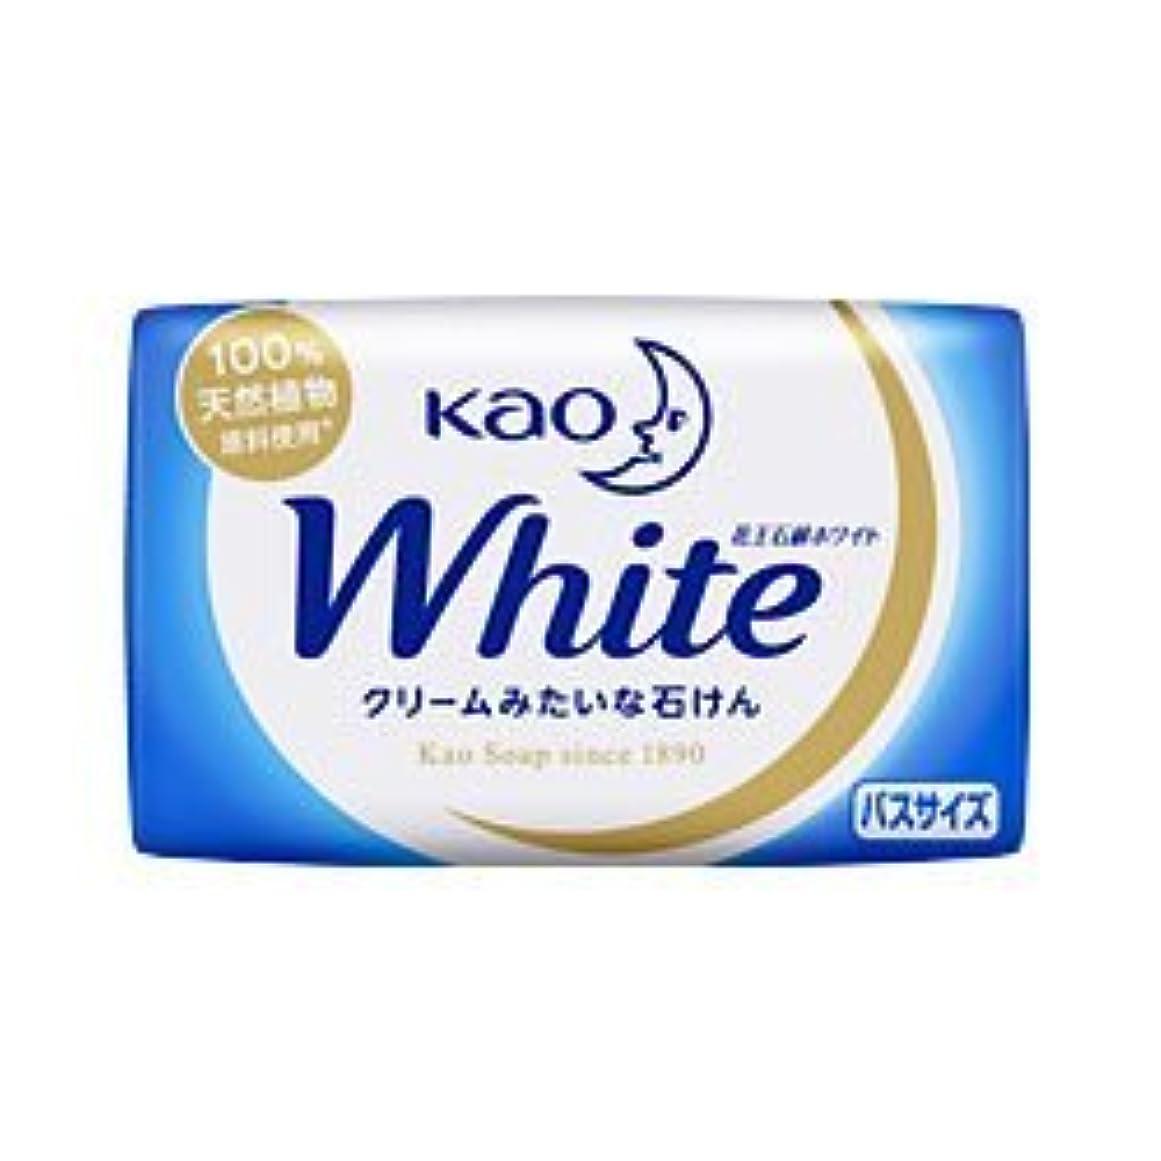 独裁者口径男らしい【花王】花王ホワイト バスサイズ 1個 130g ×10個セット